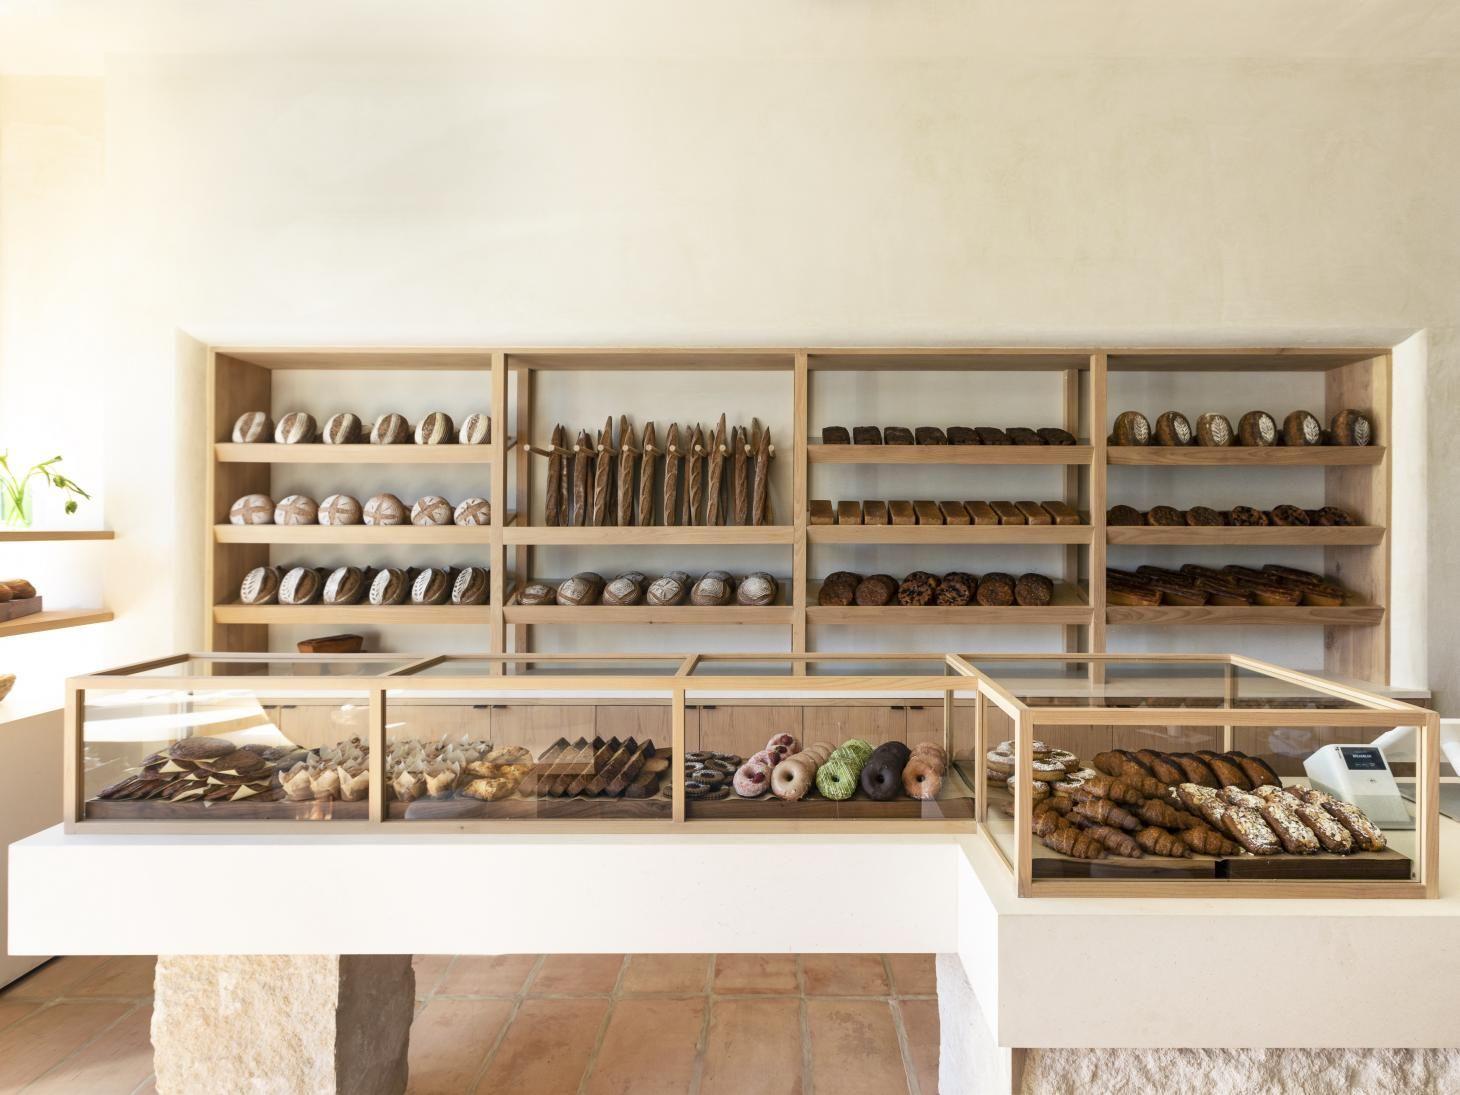 On the rise Breadblok opens glutenfree bakery in Los